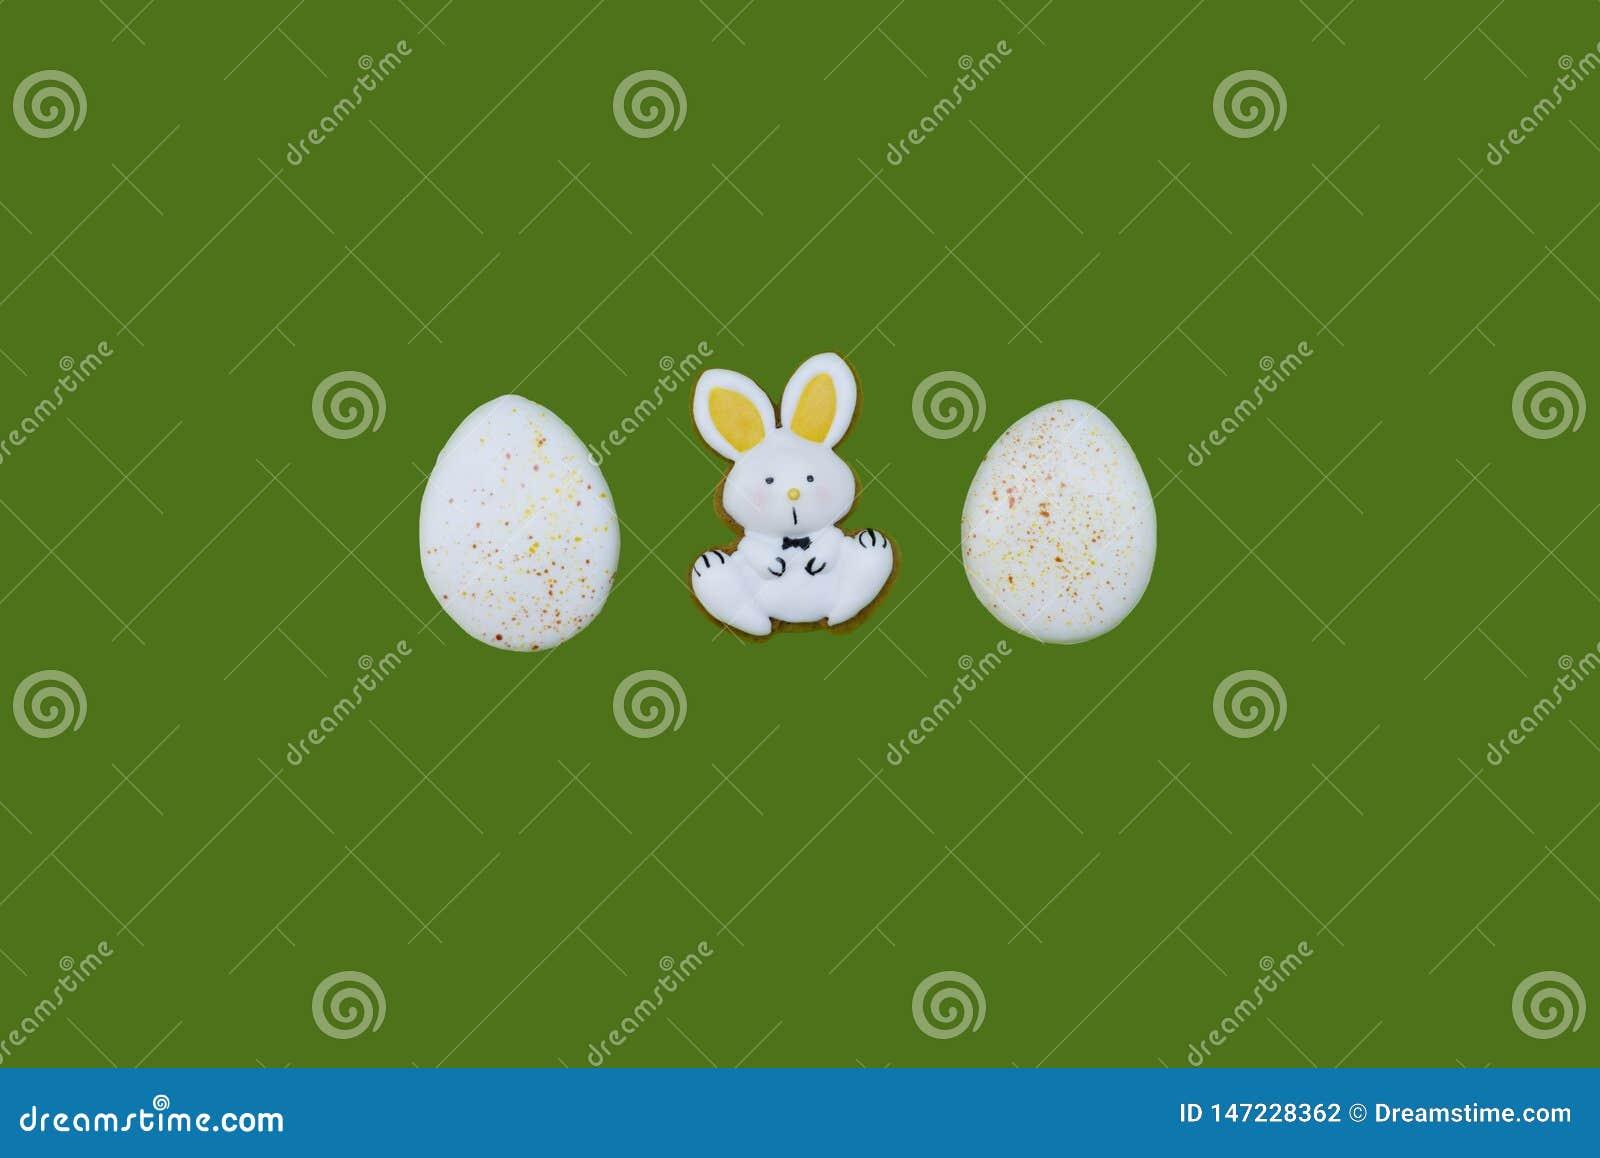 Påskpepparkakor som ägg och hare